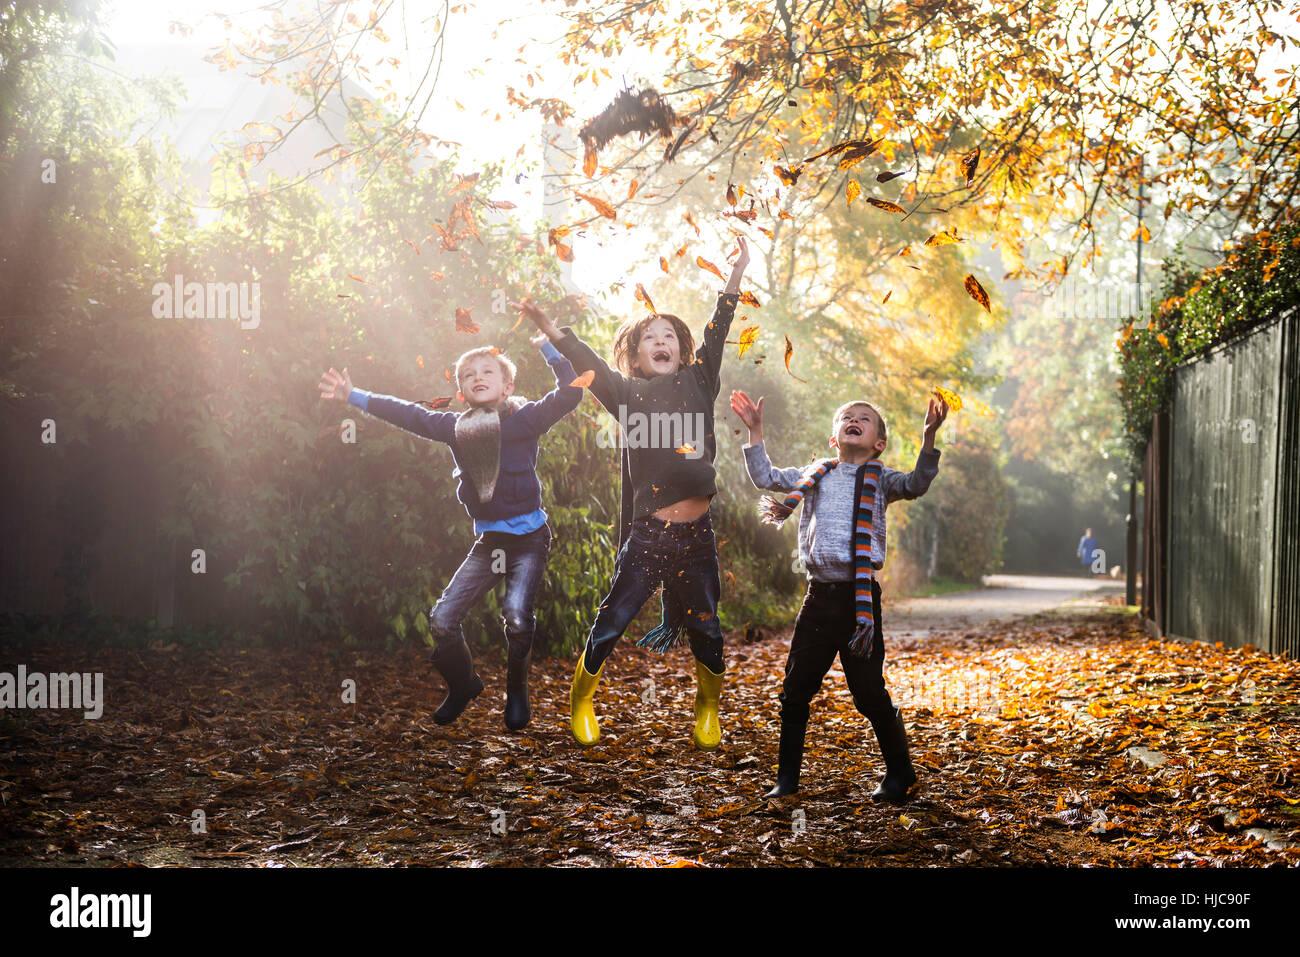 Trois jeunes garçons, jouant à l'extérieur, jetant les feuilles d'automne Photo Stock